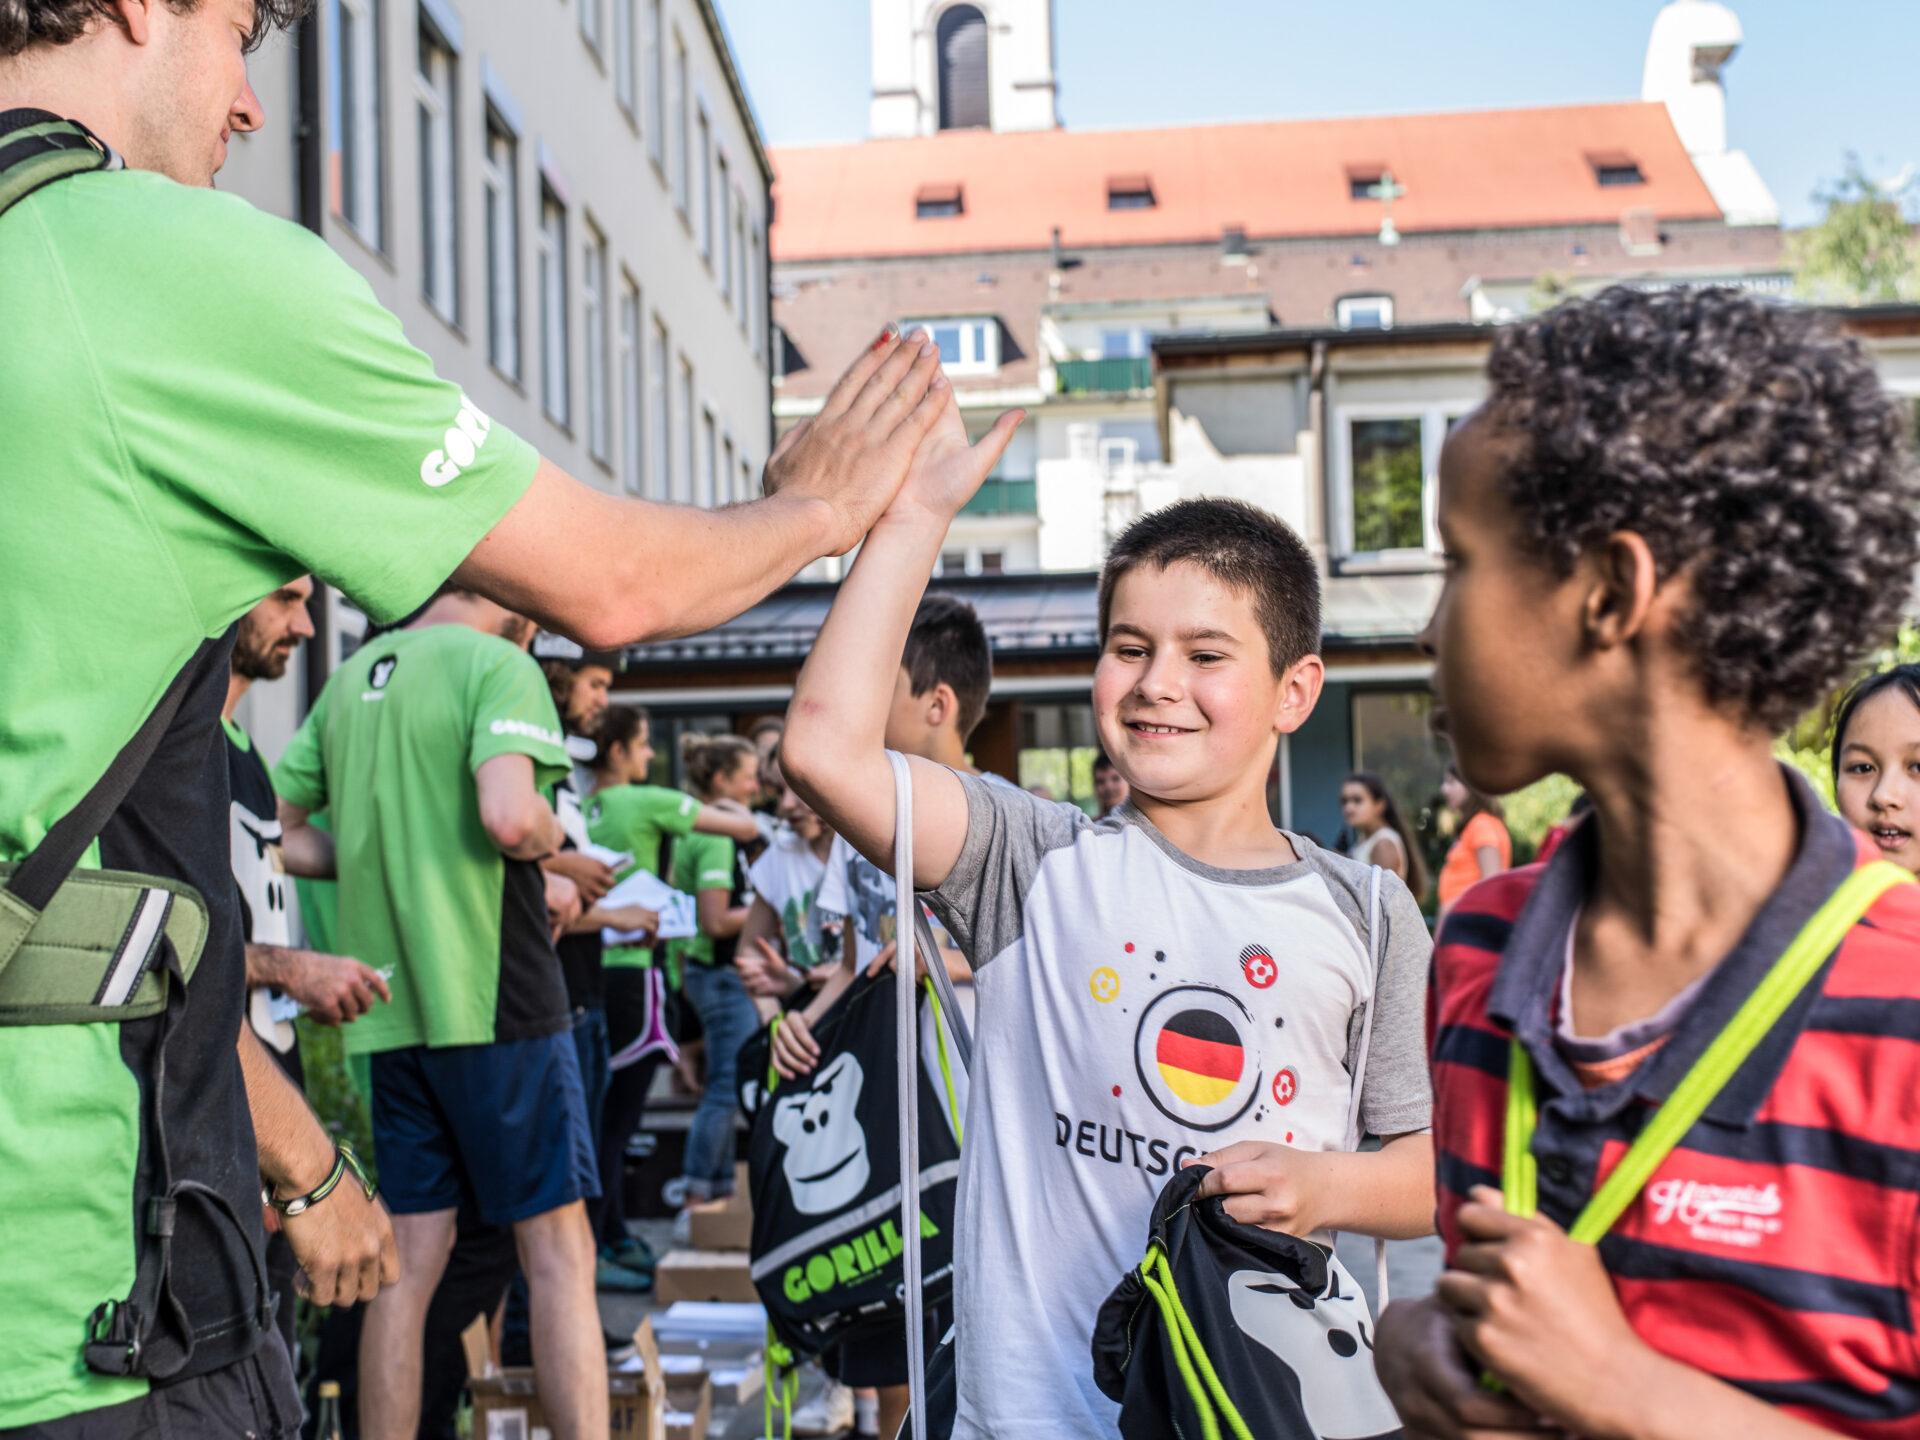 Ein GORILLA Botschafter und ein Junge klatschen sich zum Abschied eines GORILLA Workshops die Haende ab.